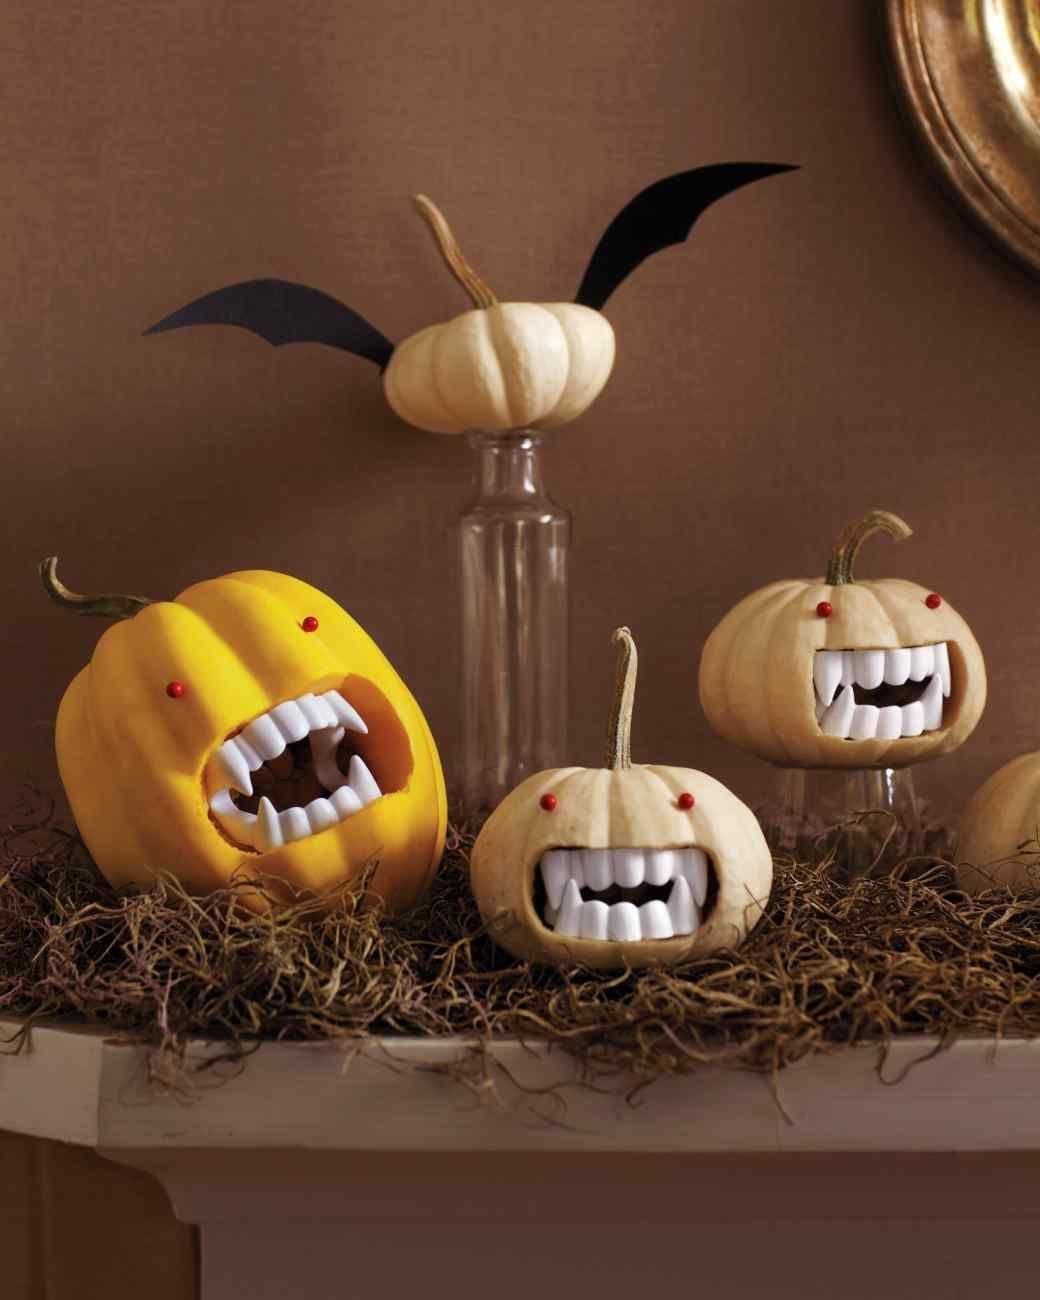 DIY fanged pumpkins